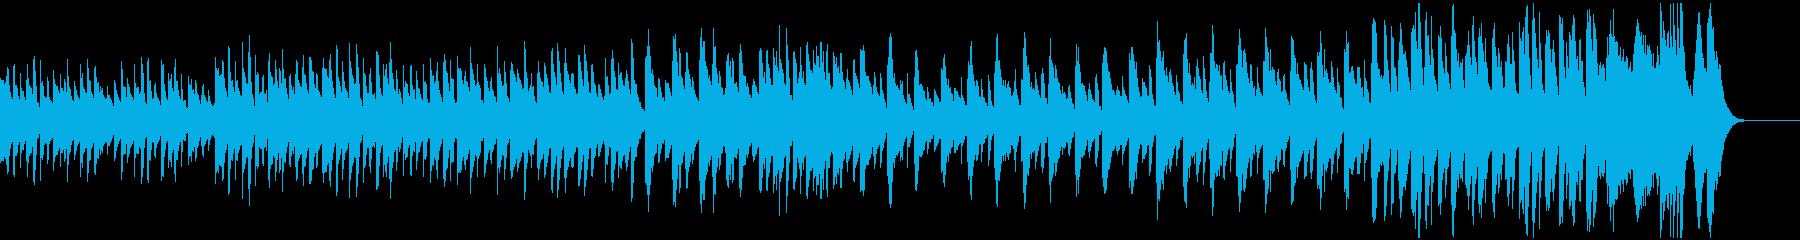 古典的なクラシック風の曲。ピアノ曲。の再生済みの波形